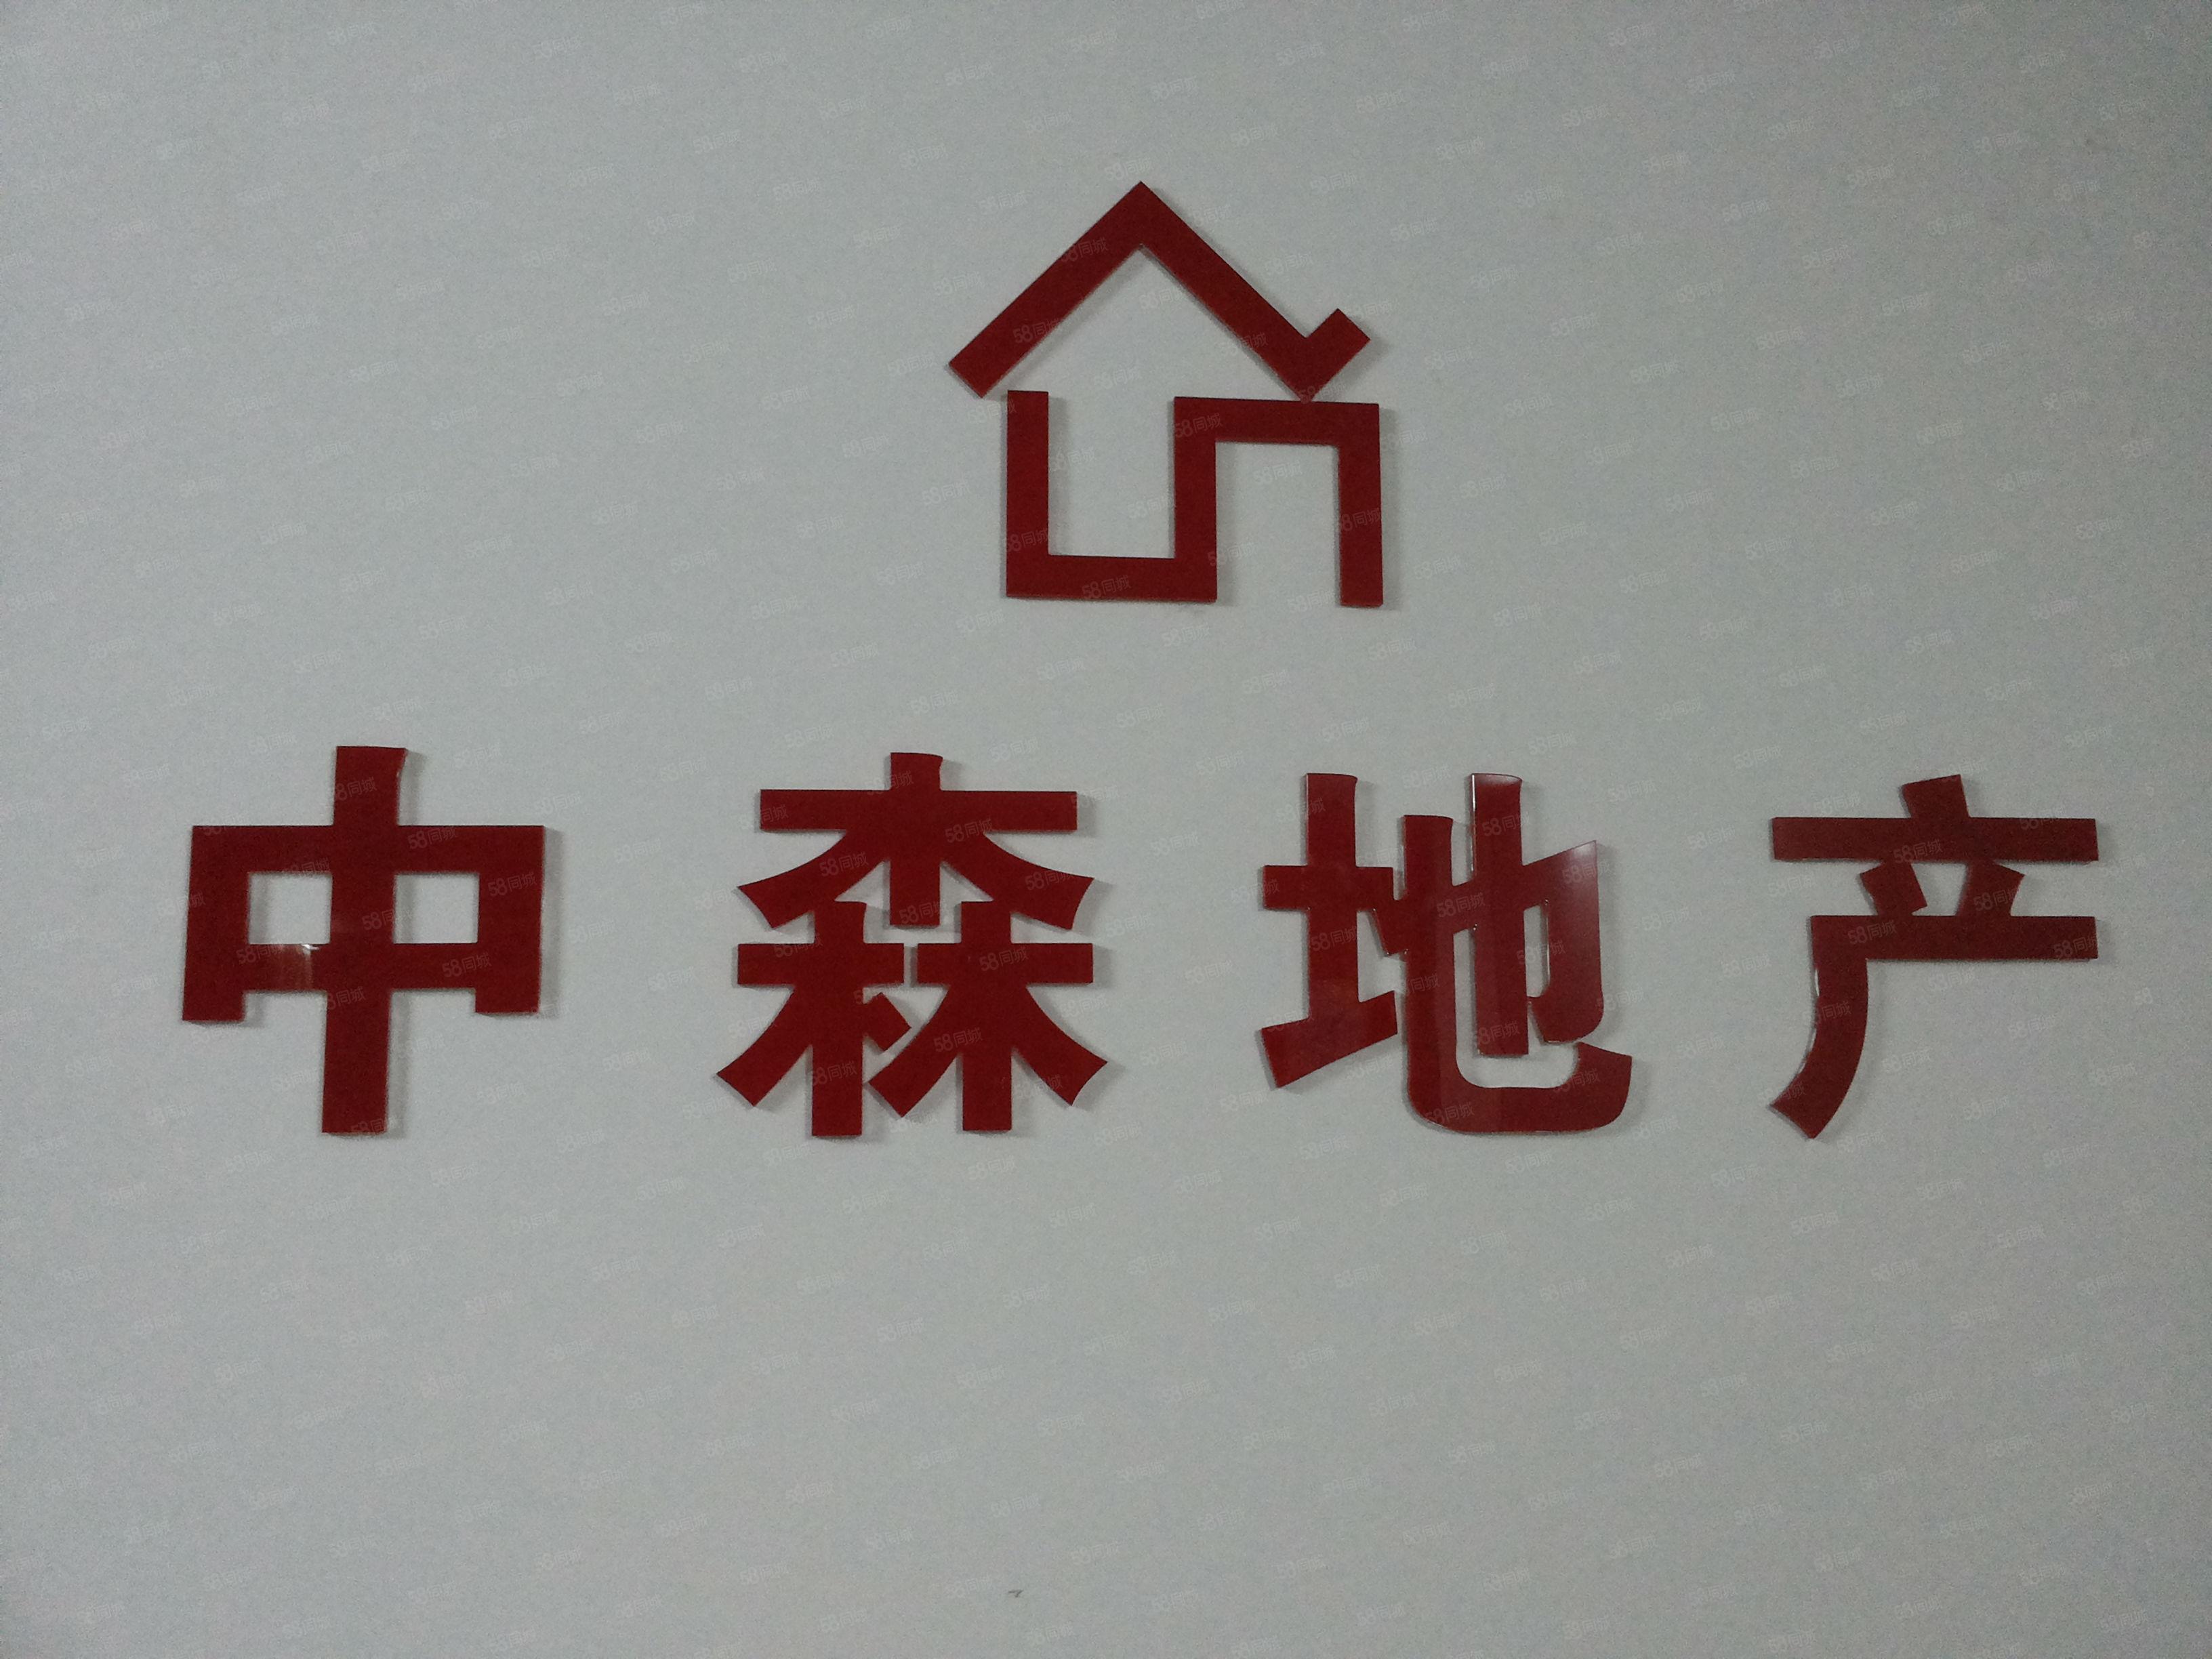 阳东实验学校附近,低楼层新净澳门二十一点游戏